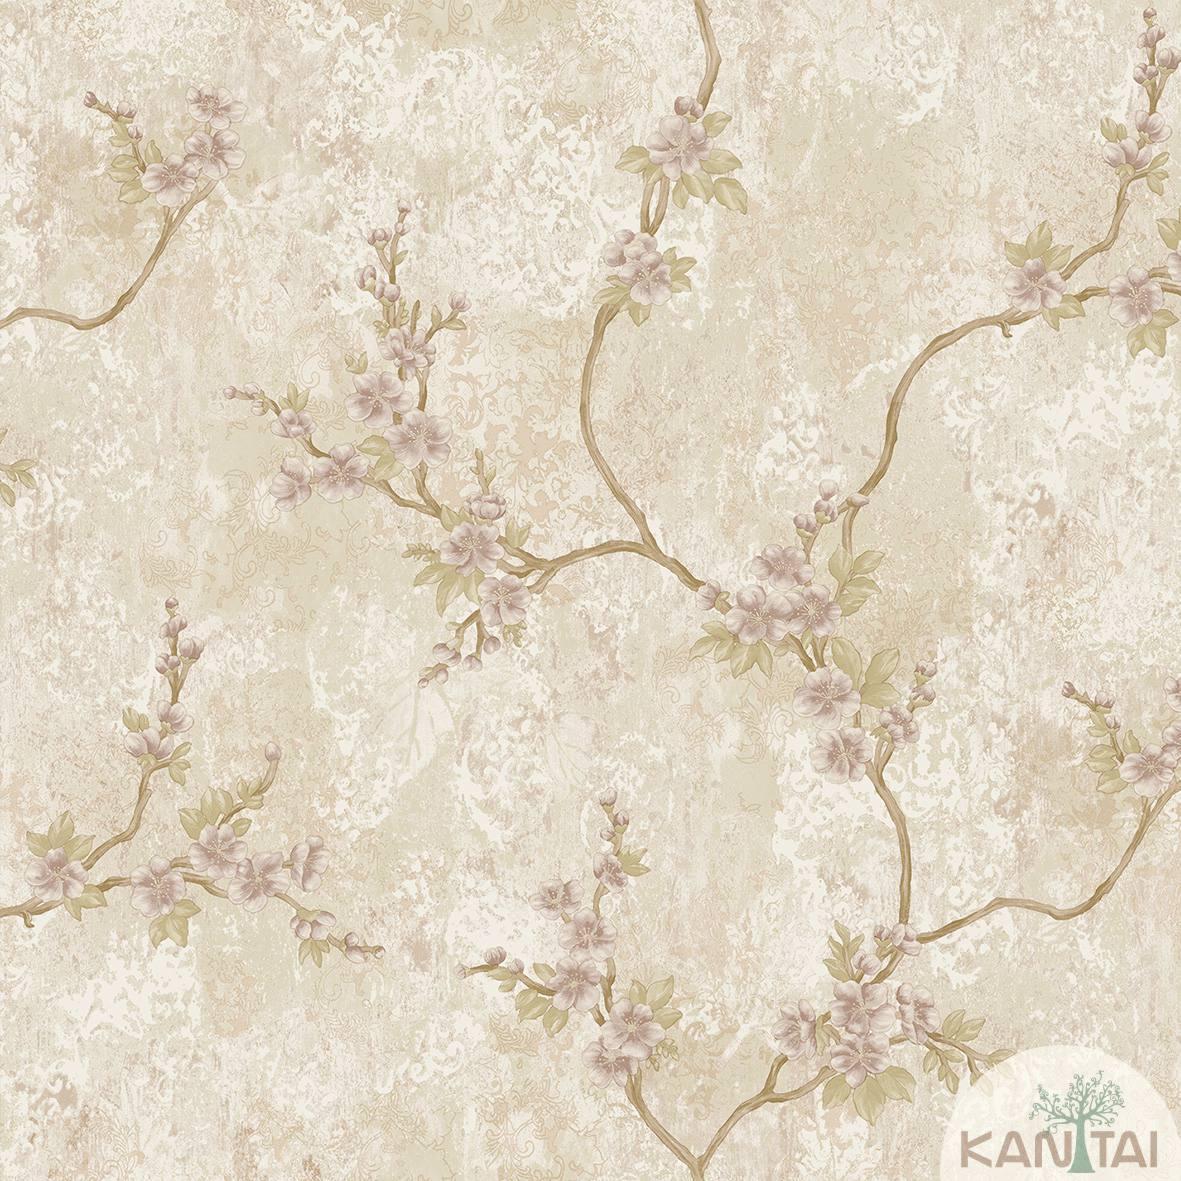 Papel de Parede Kan Tai Non Woven Coleção Flora 2 Baixo relevo Floral Bege escuro, Lilás, Dourado